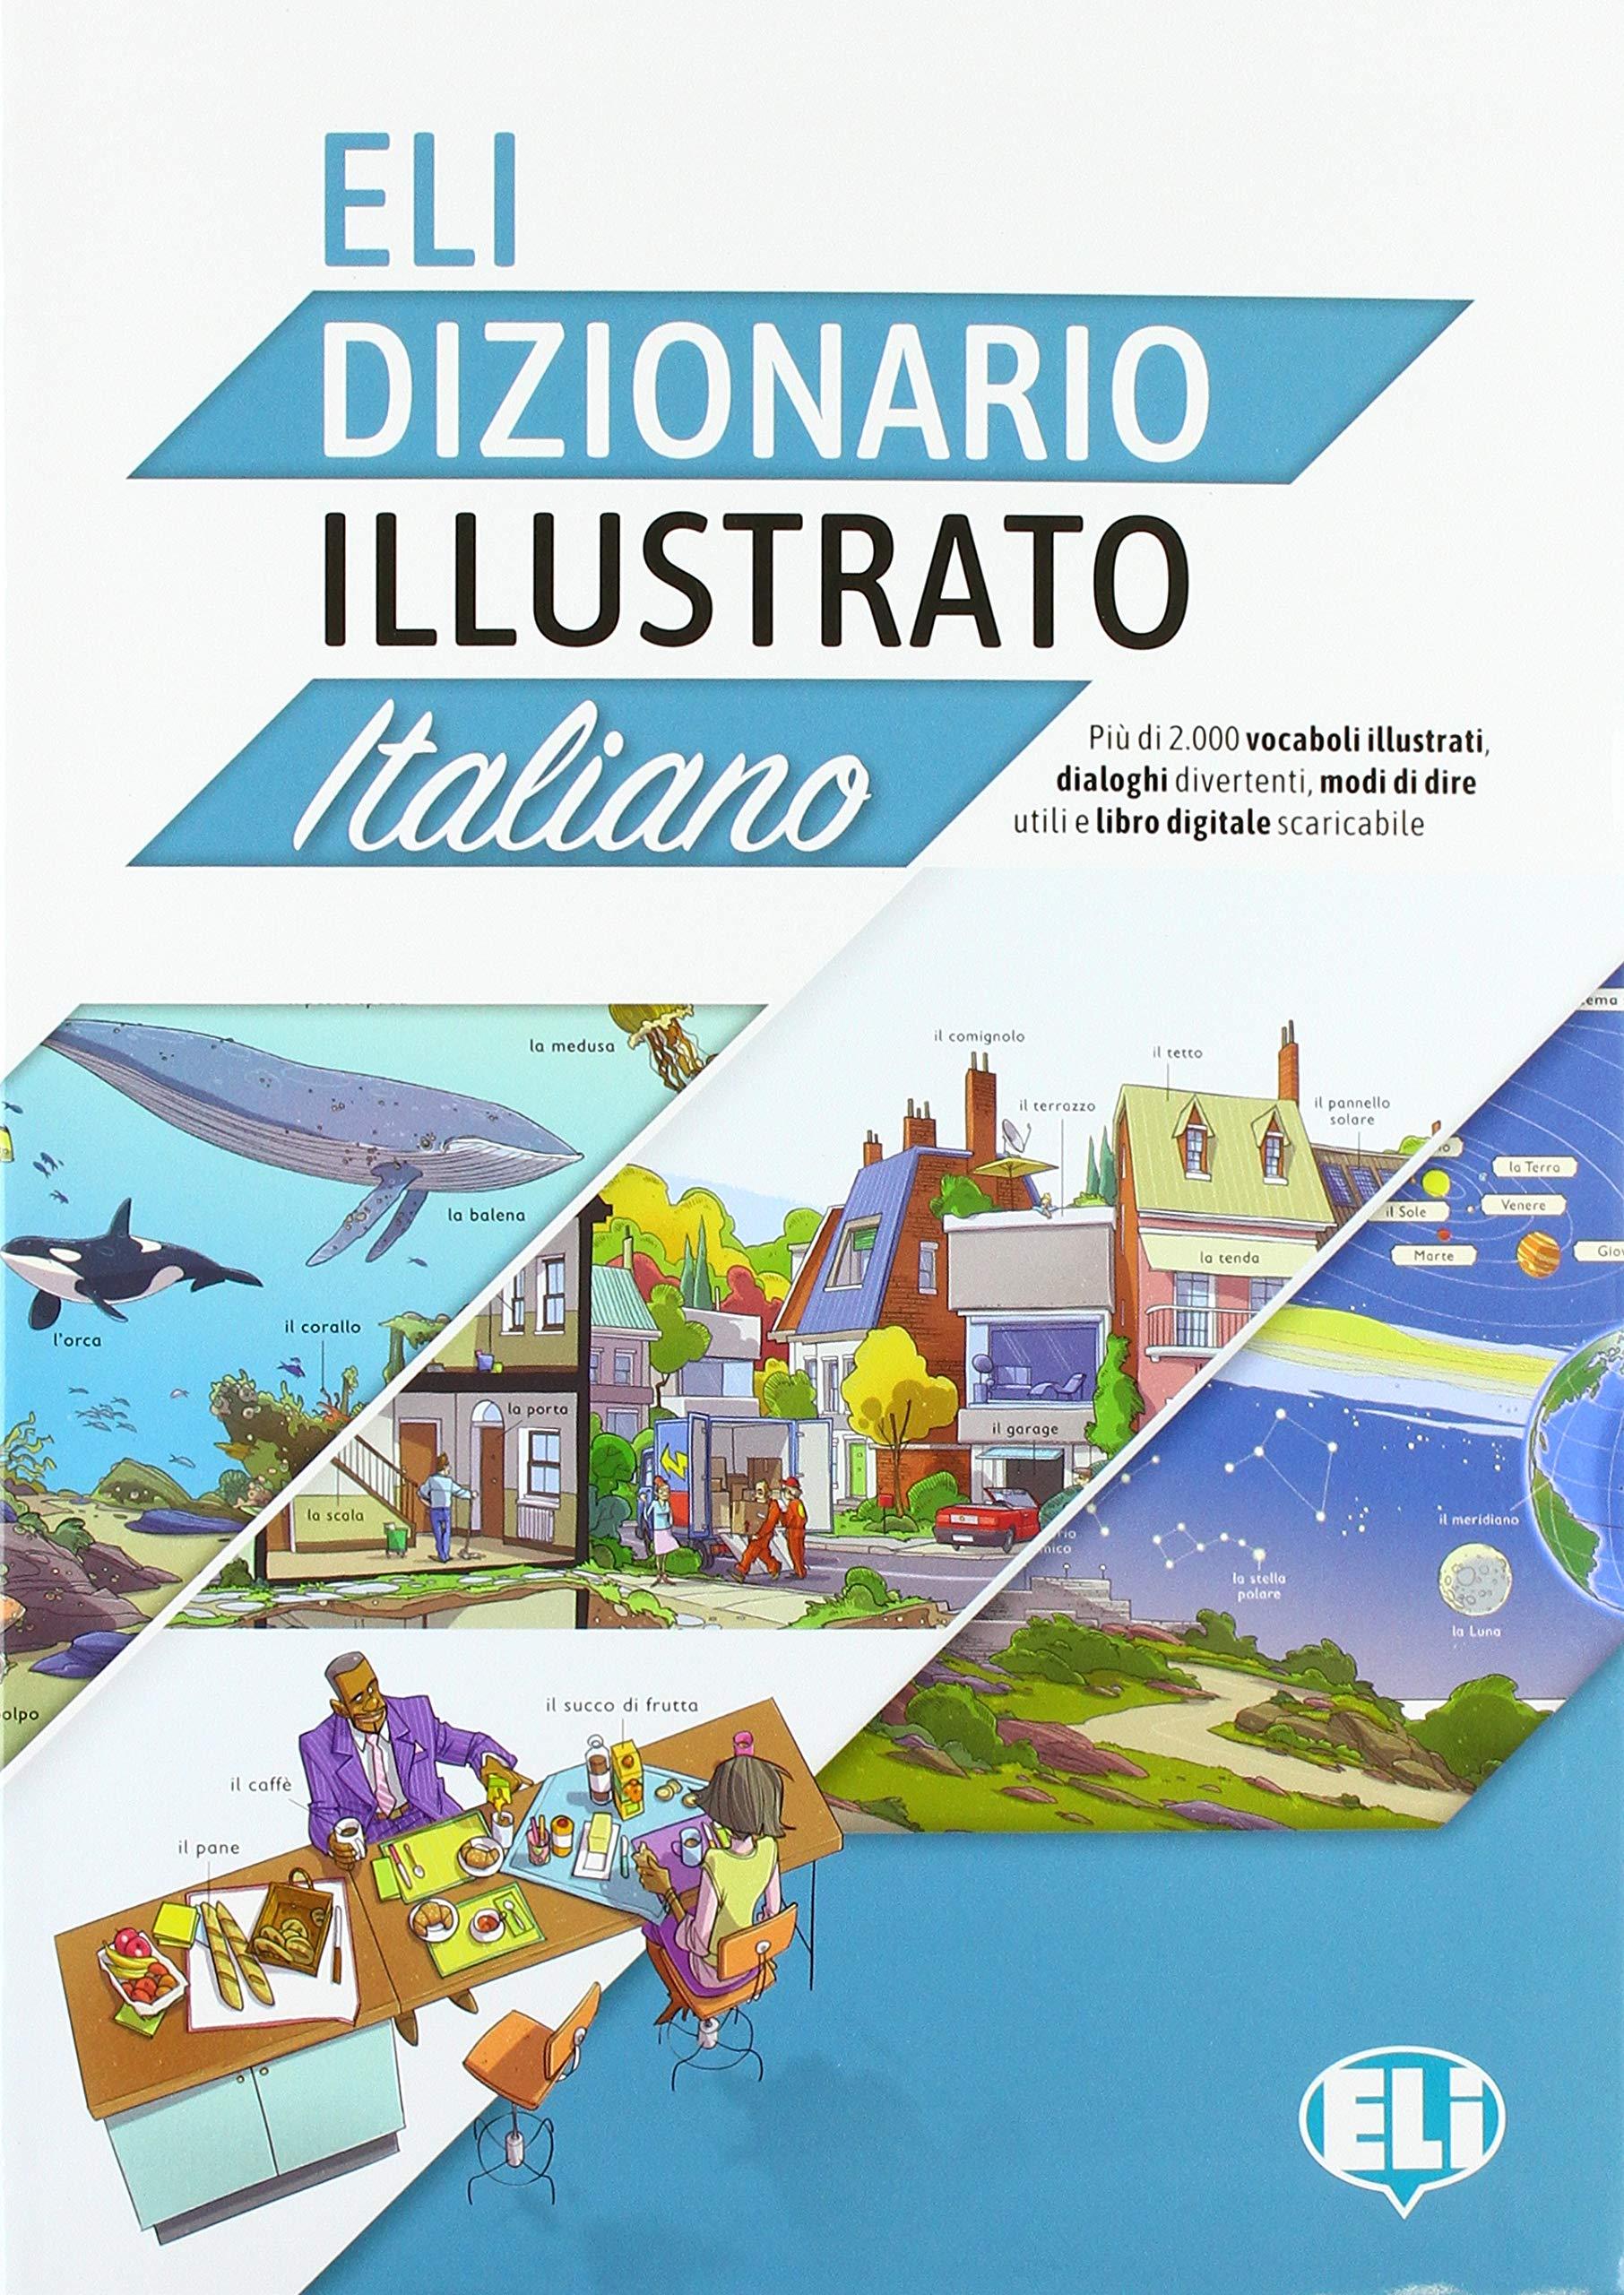 ELI DIZIONARIO ILLUSTRATO ITALIANO